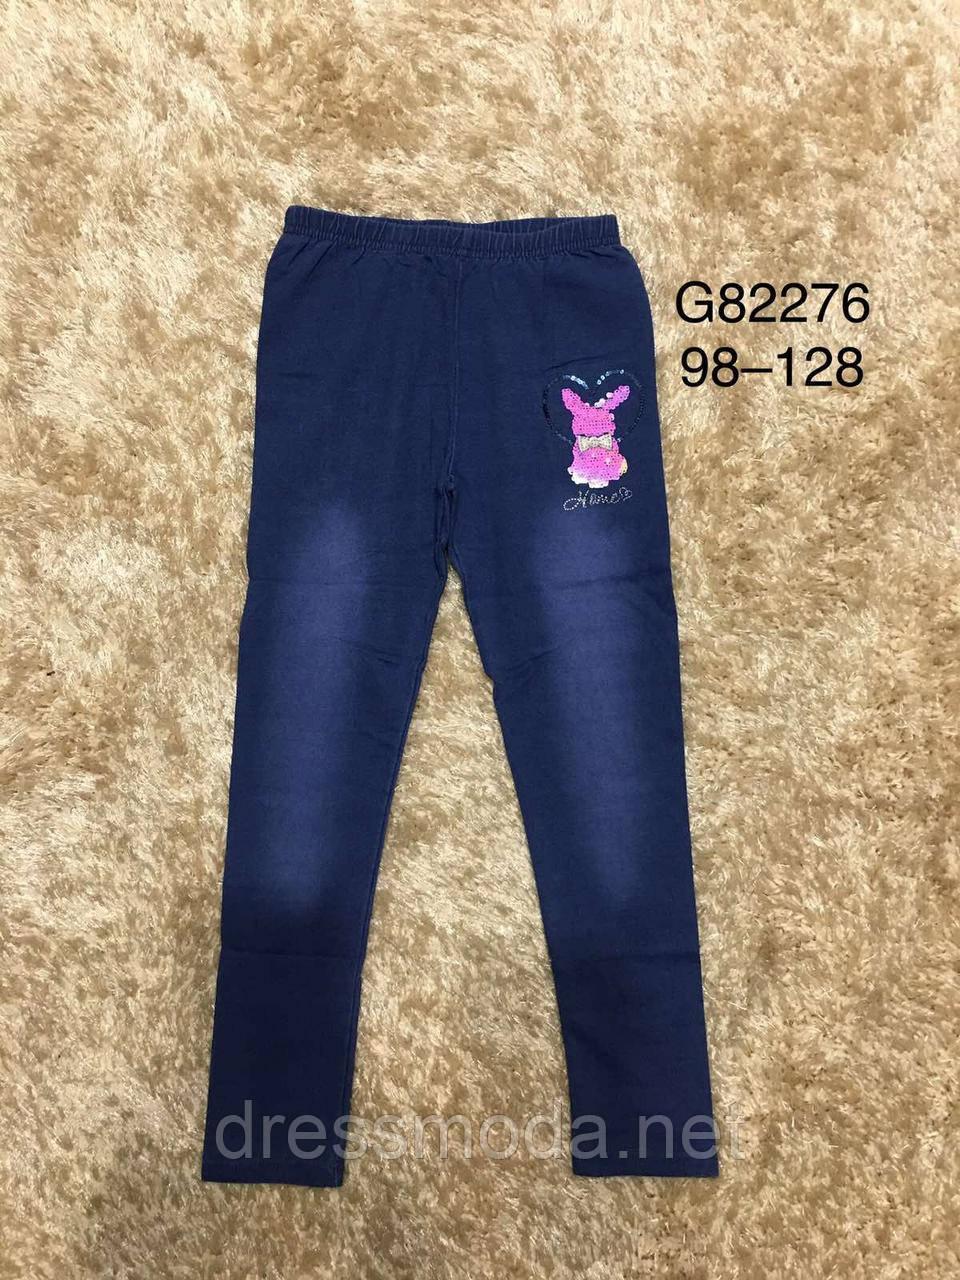 Леггинсы  под джинс для девочек Grace 98-128 р.р